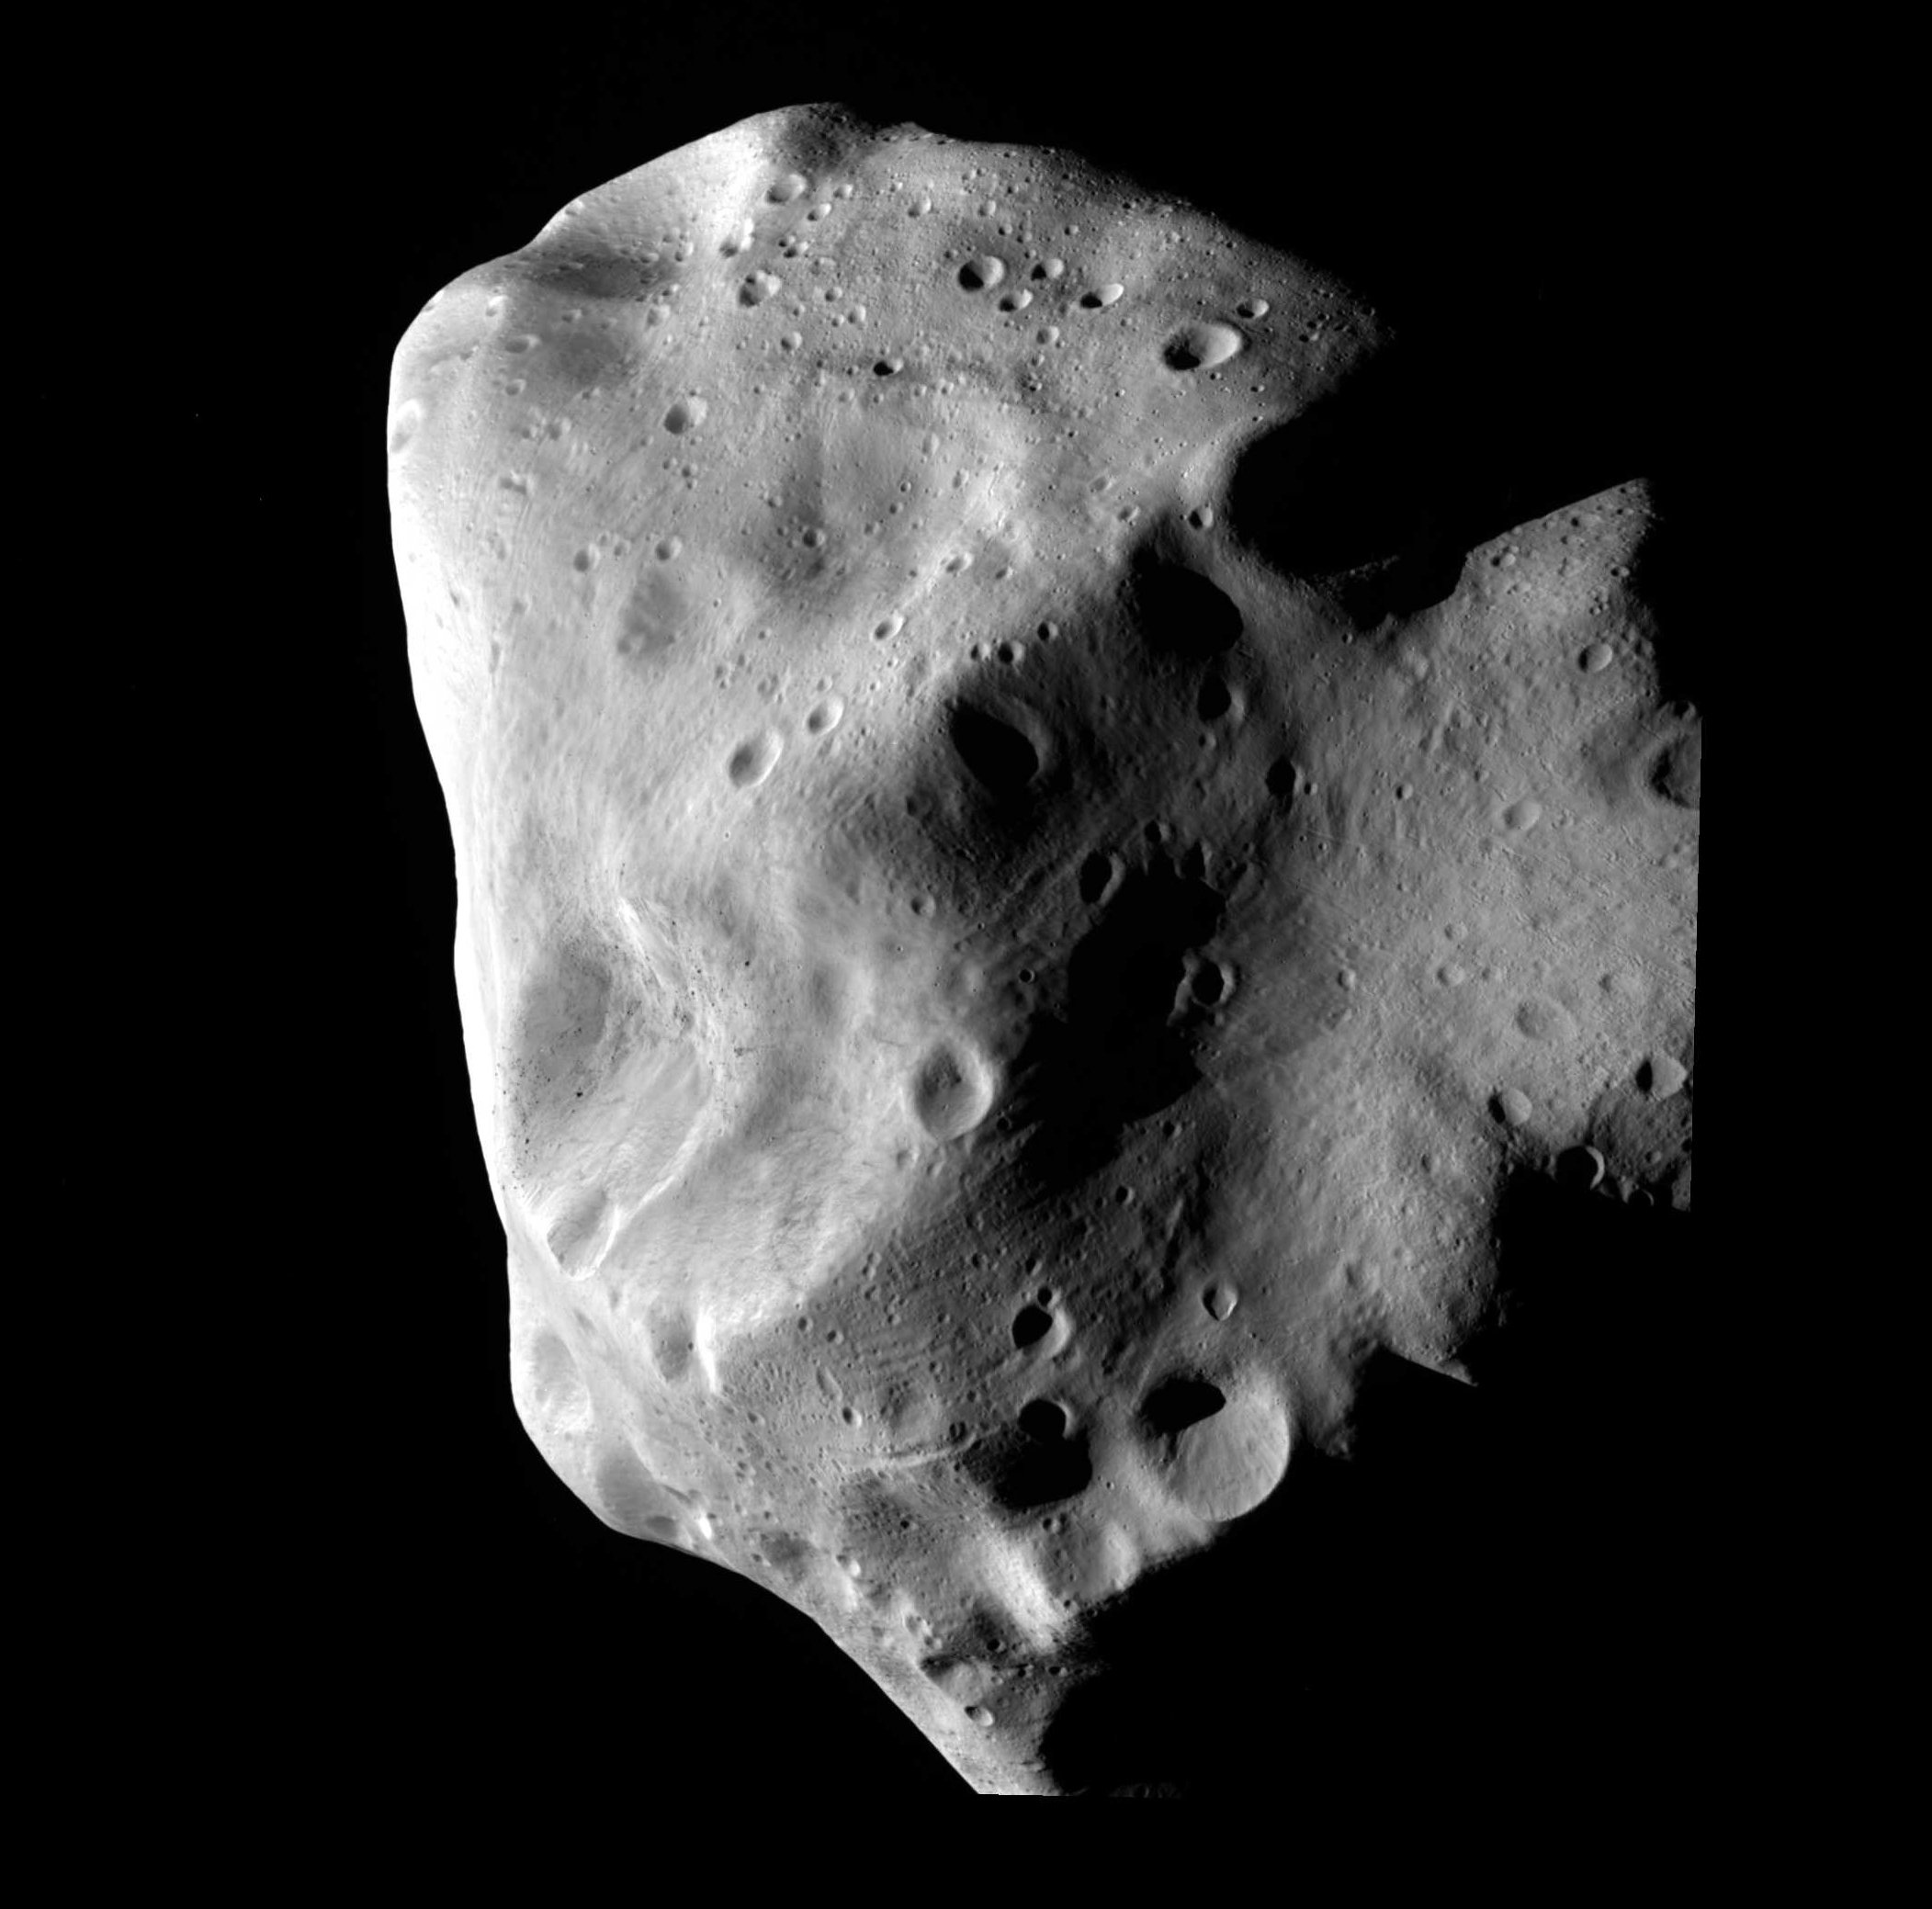 Астероид ще прелети близо до Земята през 2013